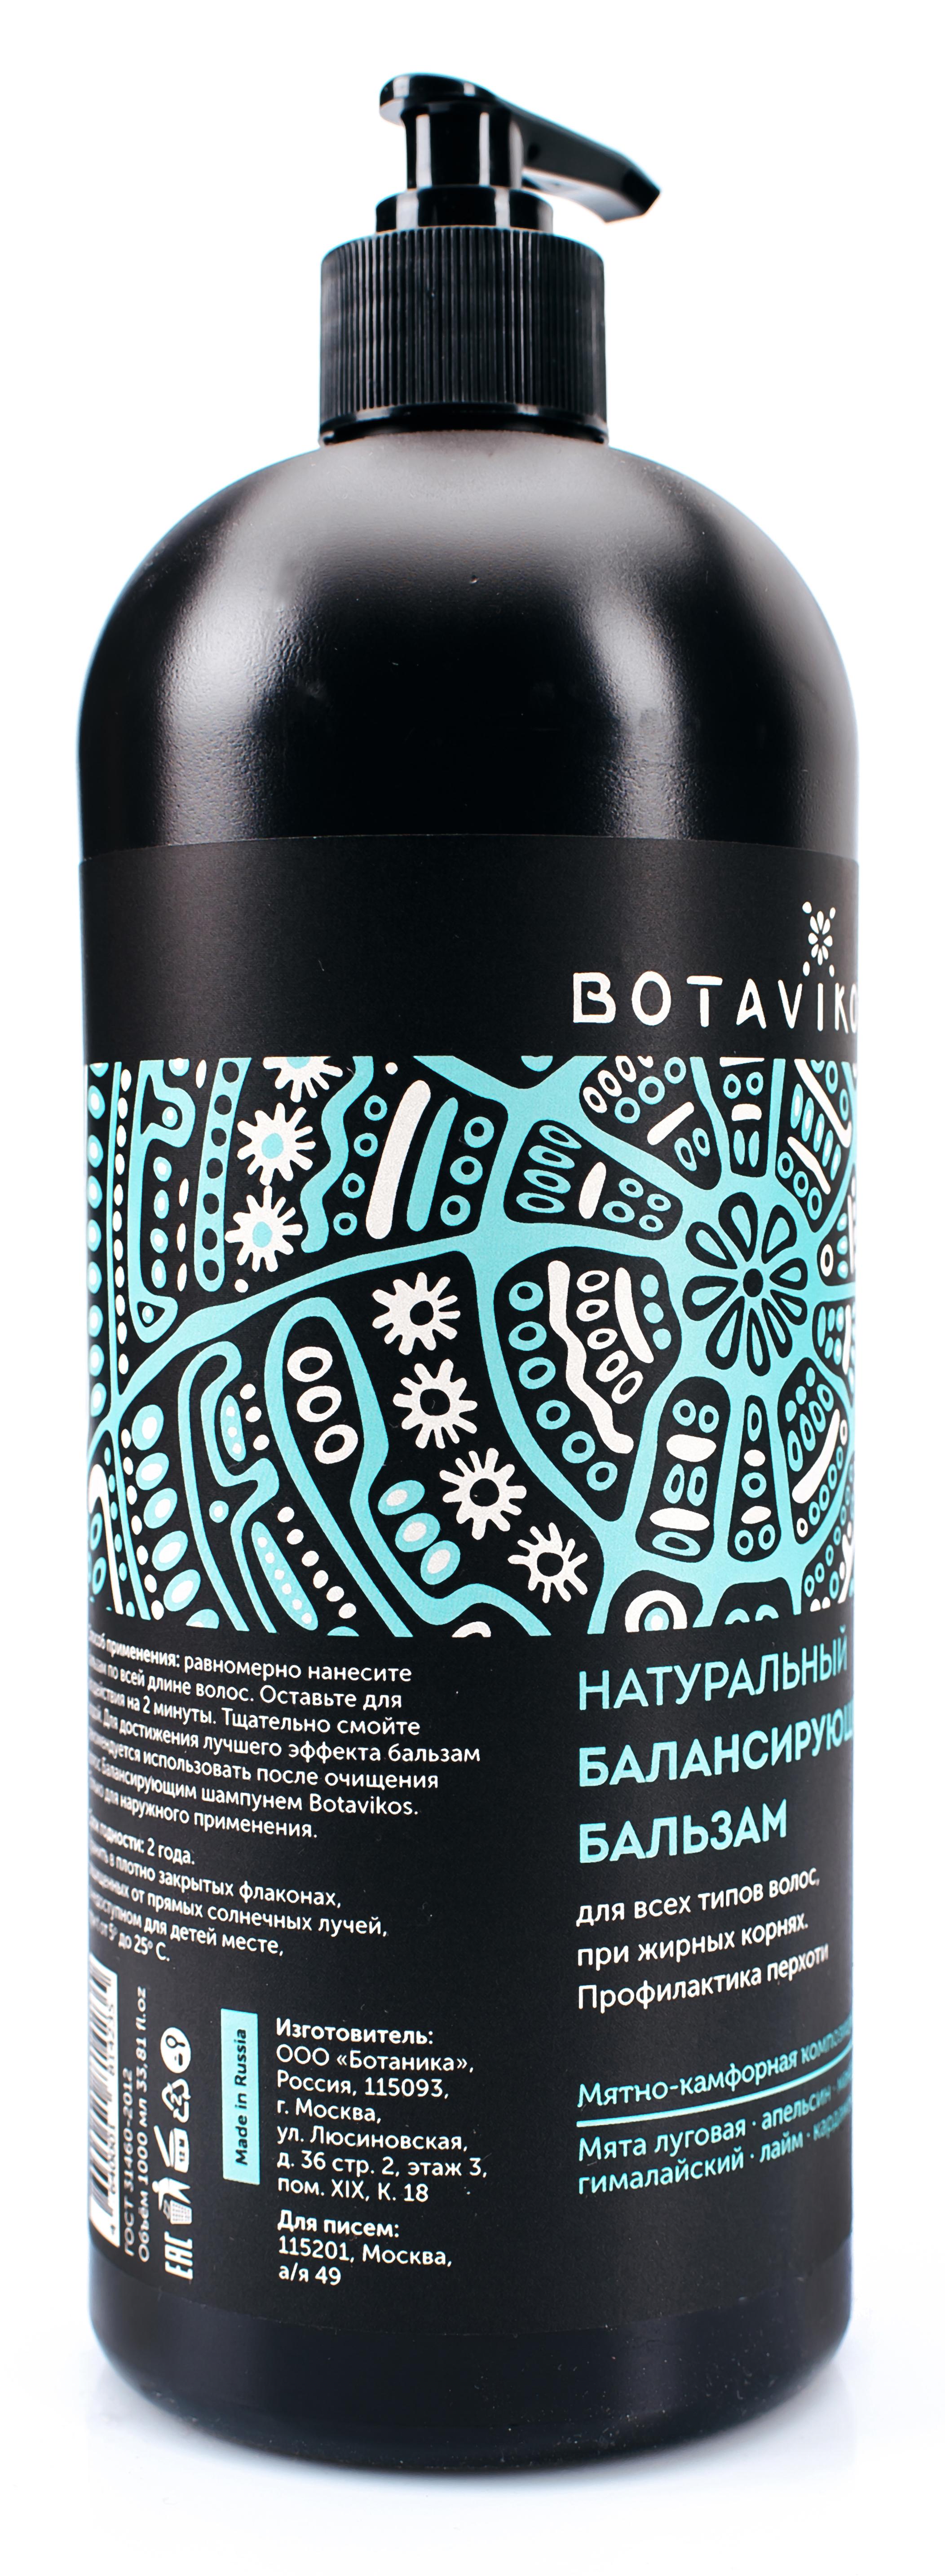 Натуральный балансирующий бальзам для волос Aromatherapy Energy, 1 л, BOTAVIKOS фото